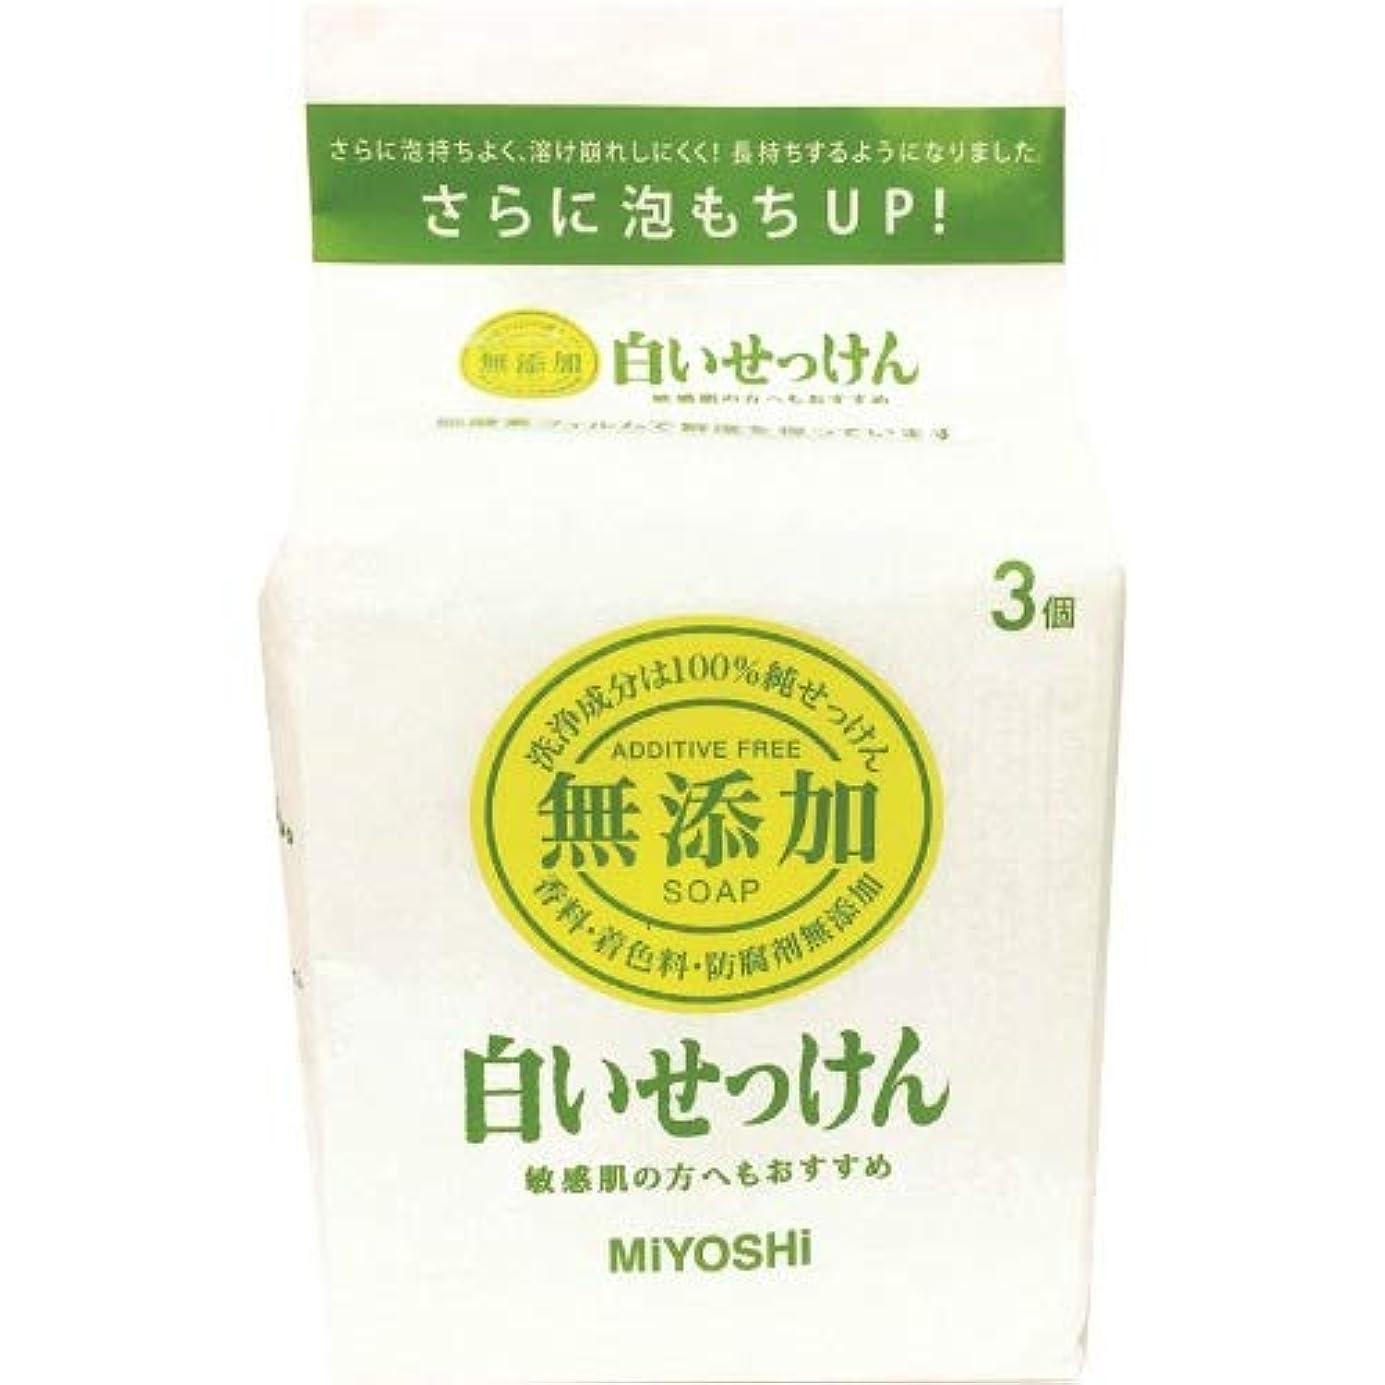 締め切り手伝う完璧ミヨシ石鹸 MIYOSHI 無添加 白いせっけん 108g×3個入 ボディ用